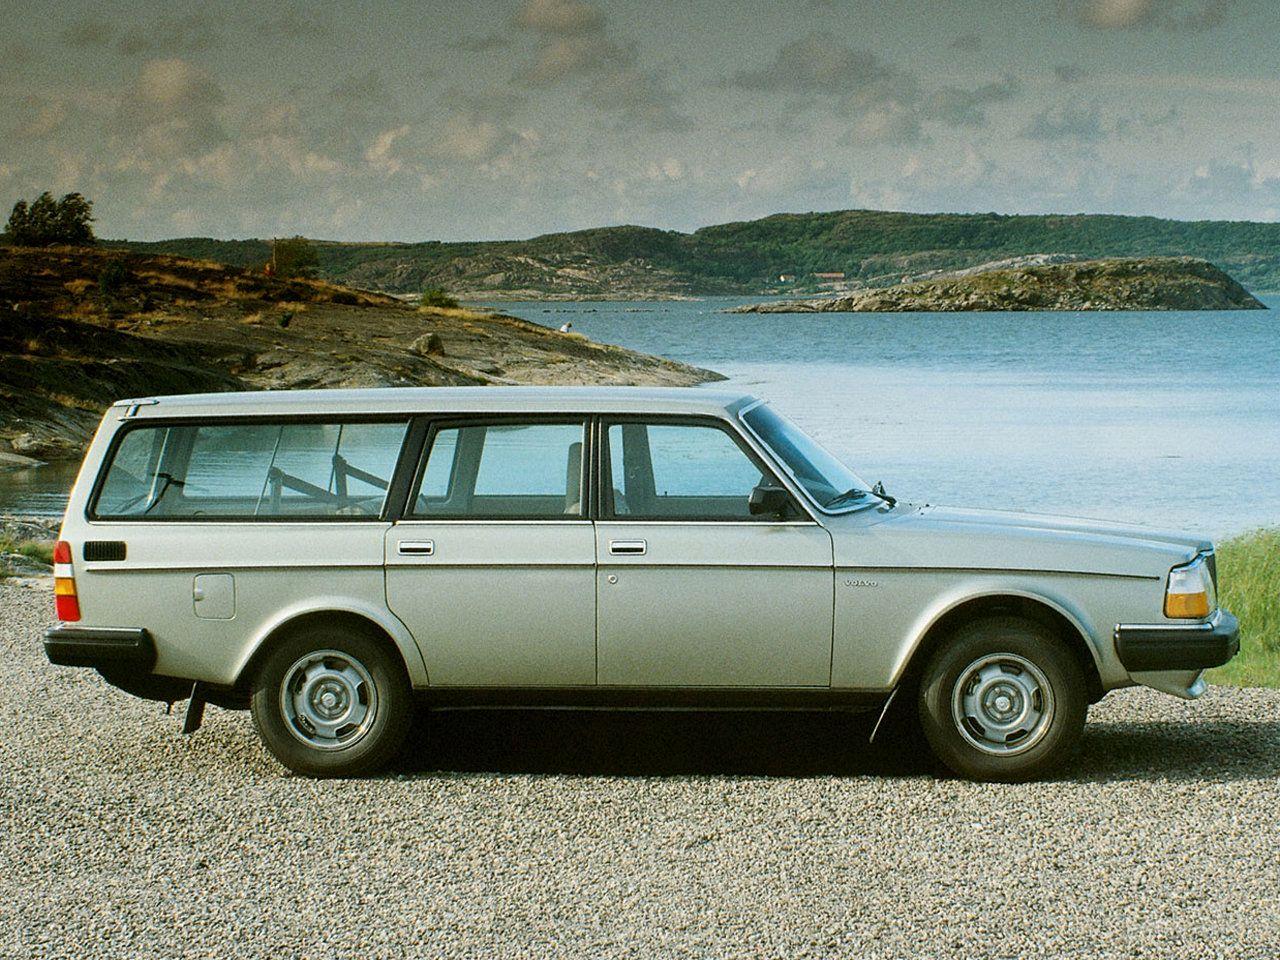 1985 volvo station wagon. gl 1981-1985. old carsvolvo station wagonvolvo 1985 volvo wagon